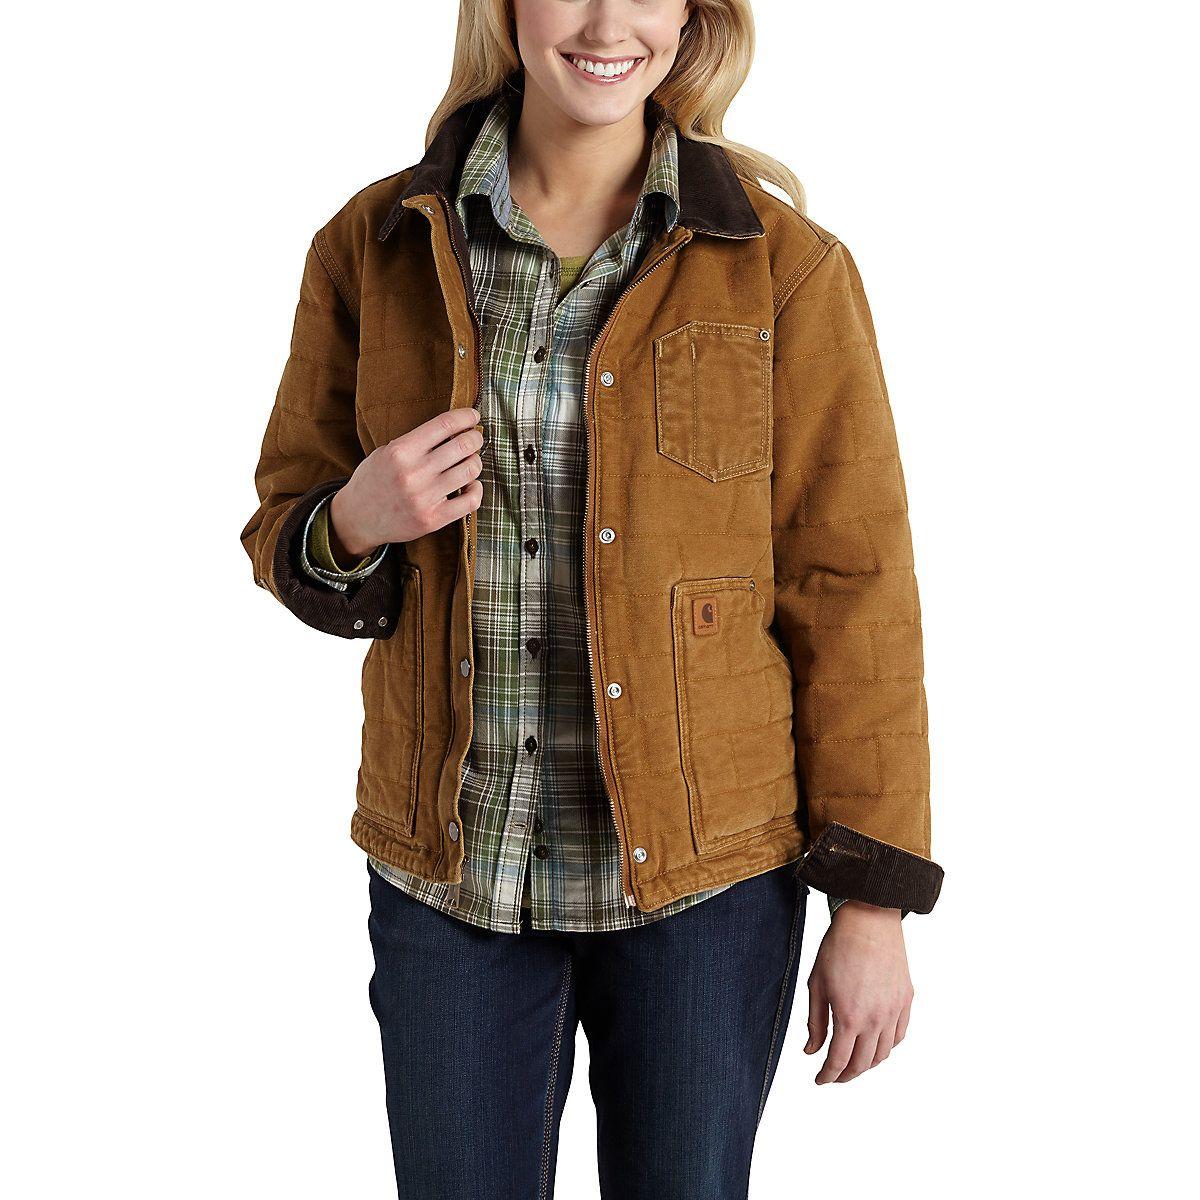 Sandstone Newhope Jacket Carhartt Women Jackets For Women Jackets [ 1200 x 1200 Pixel ]